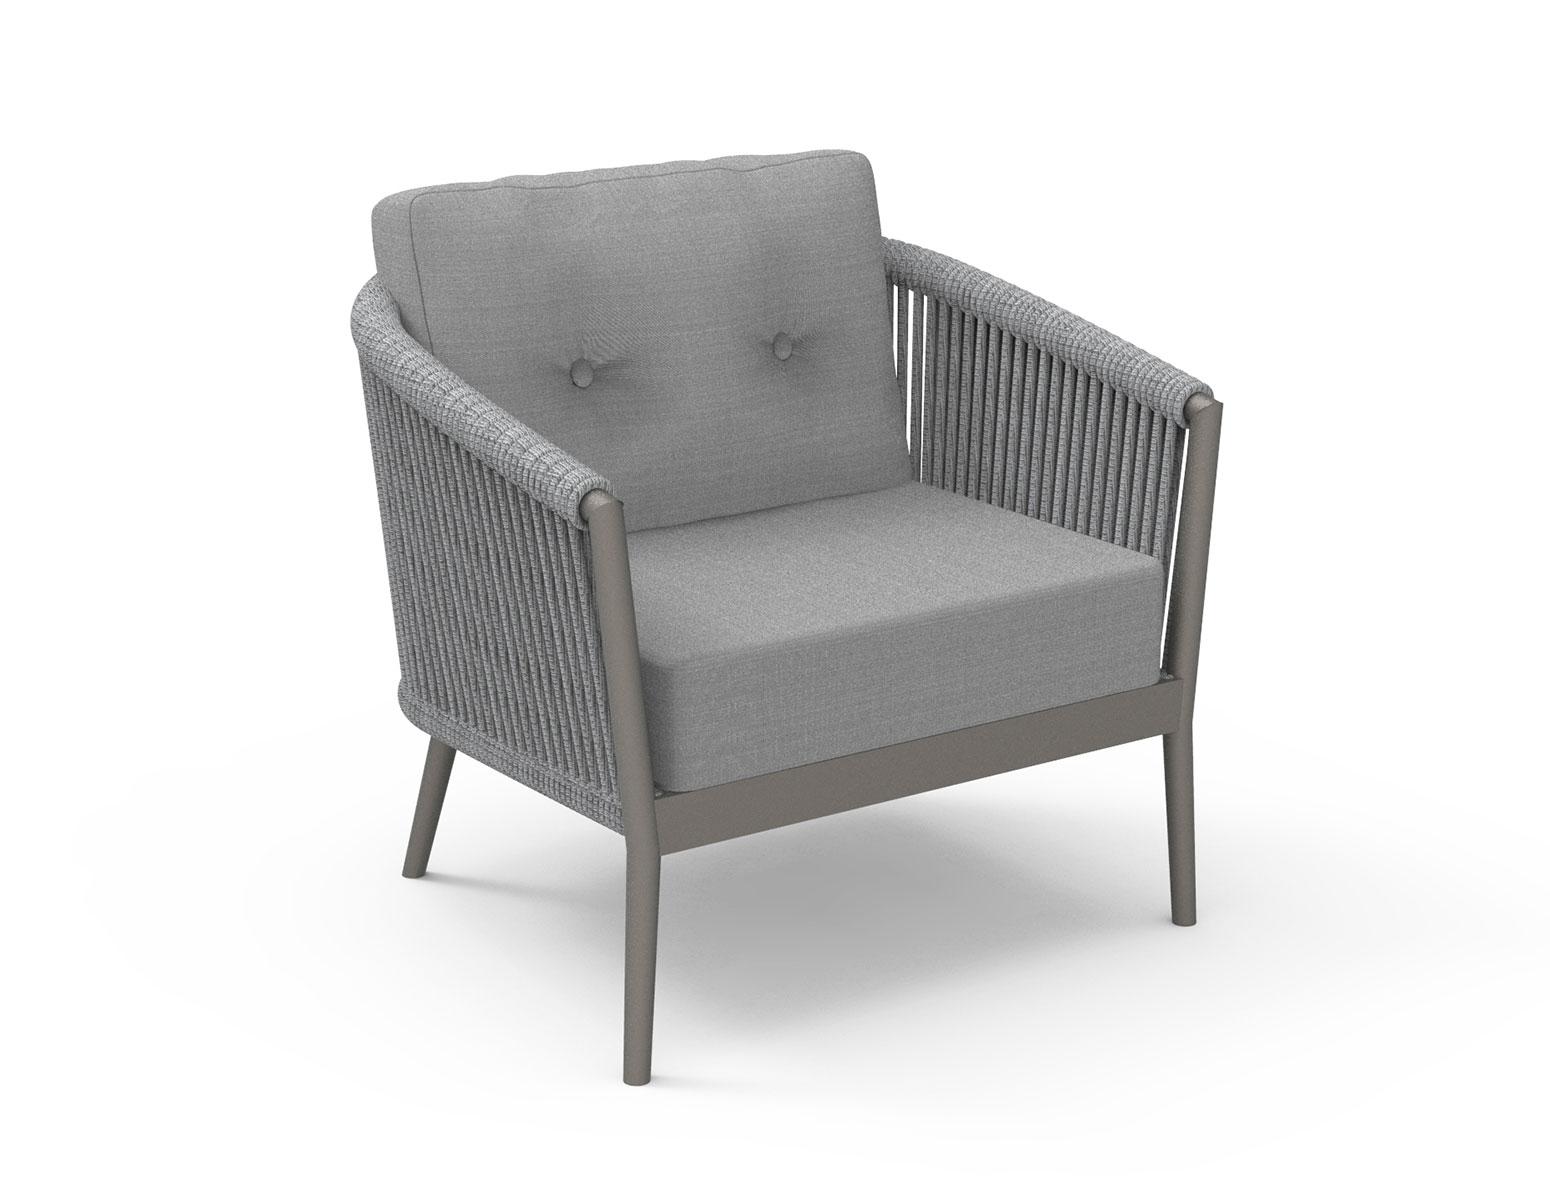 Meuble Alger Draria | Arona Sofa Mobilier De Jardin Meuble Design ...